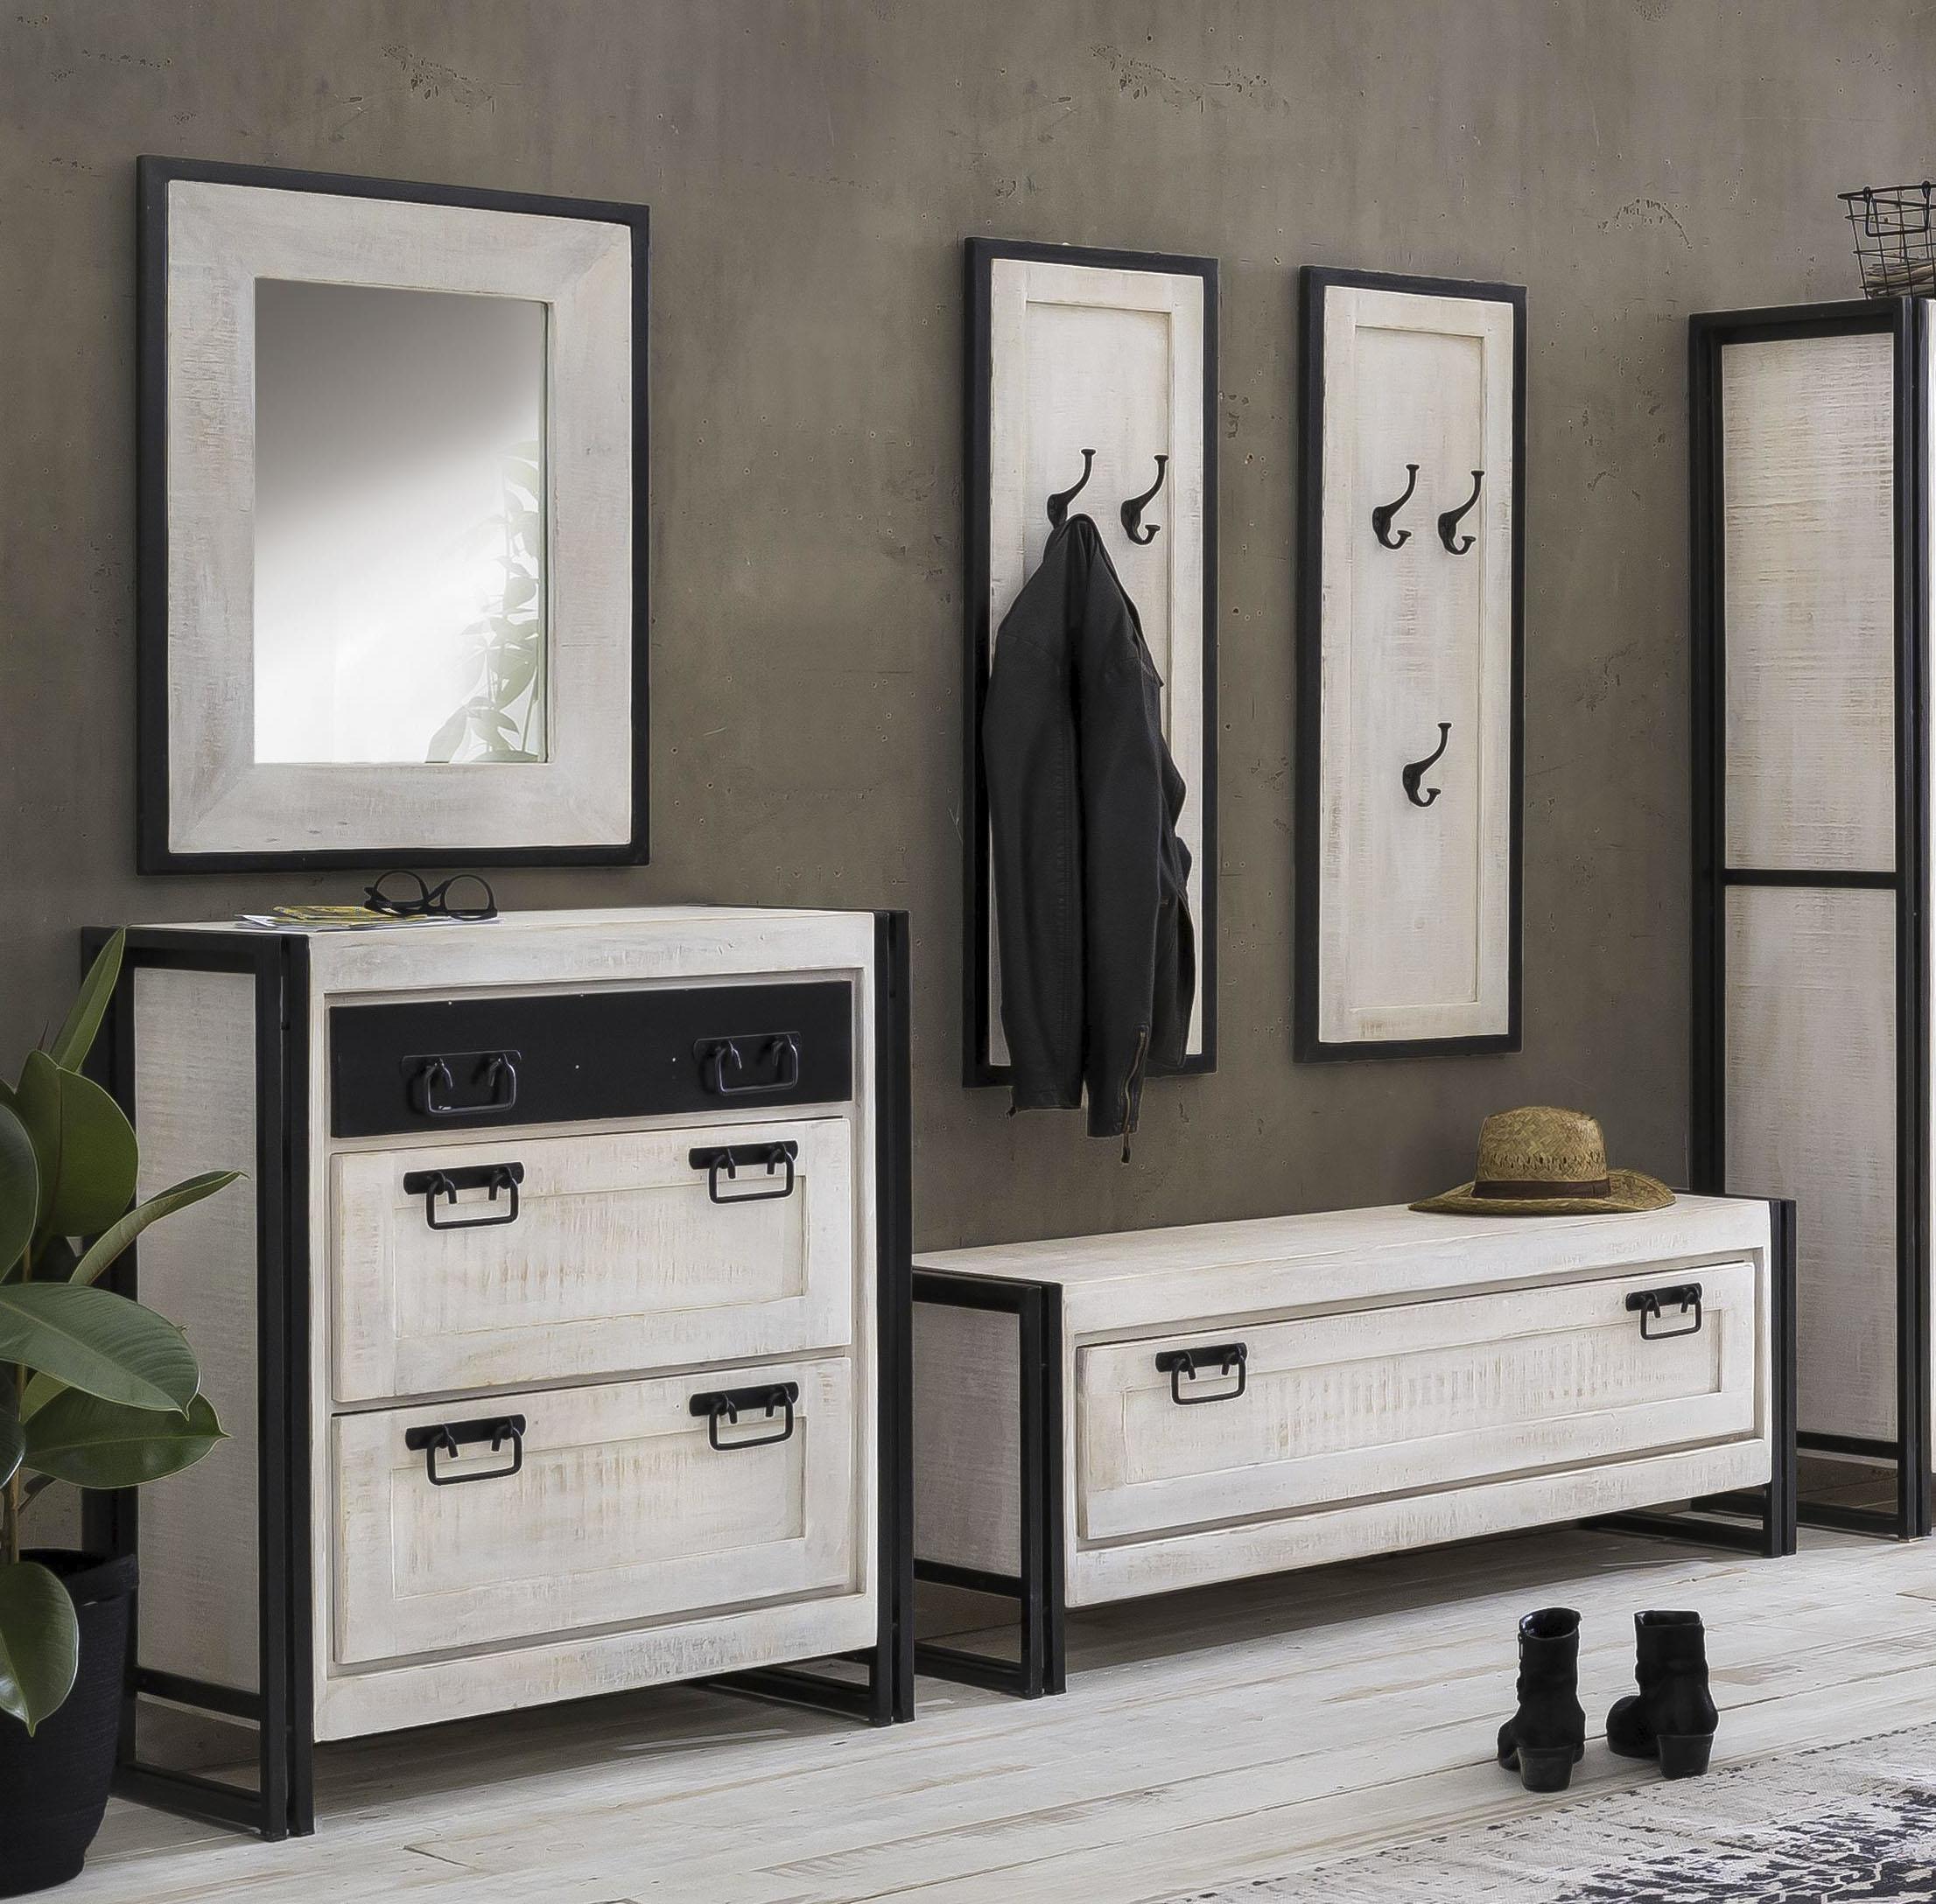 SIT Garderoben-Set »White Panama«, (Set, 5 St.) günstig online kaufen